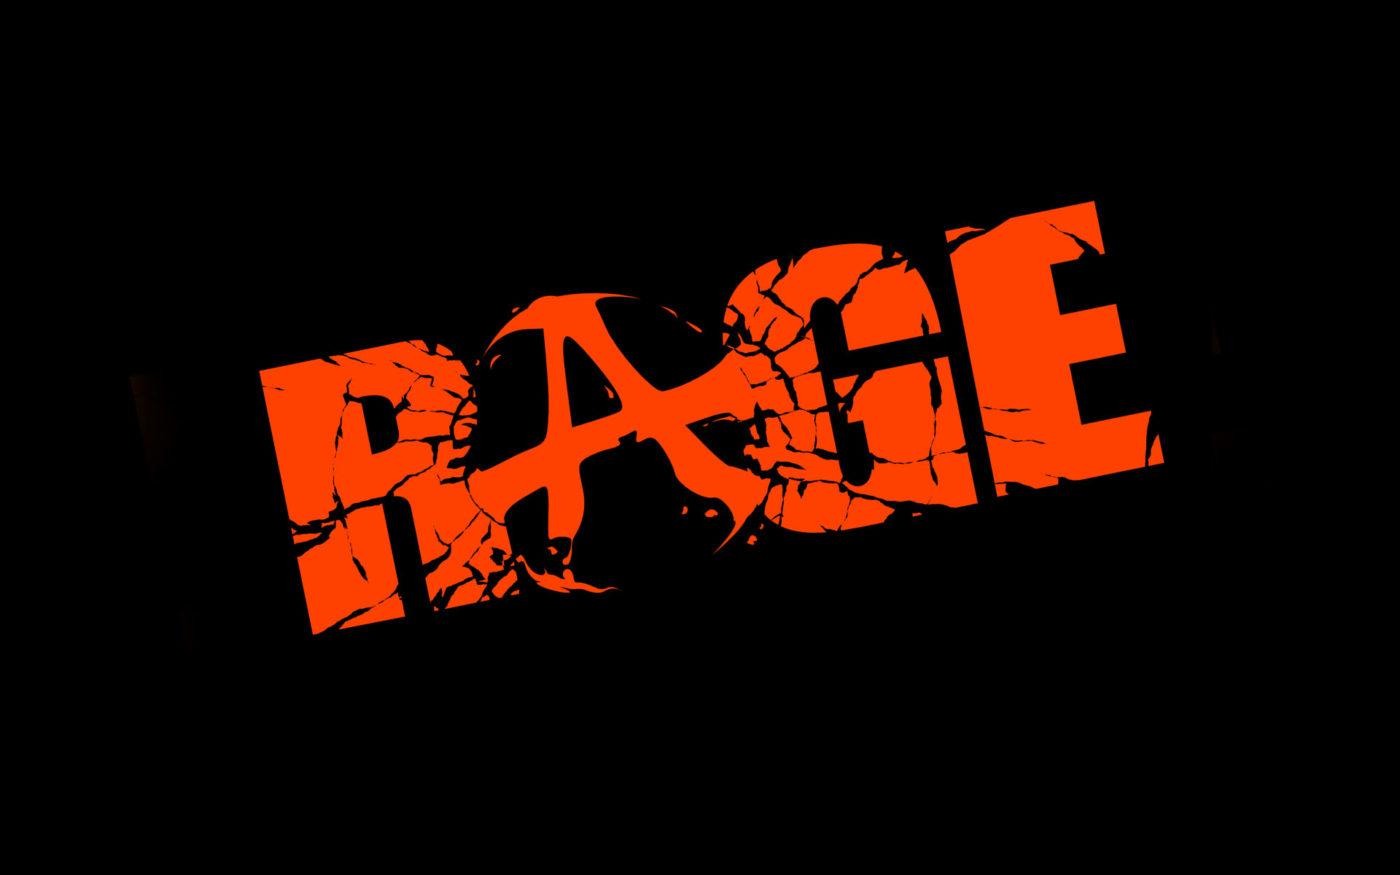 RAGE Video Game Wallpaper